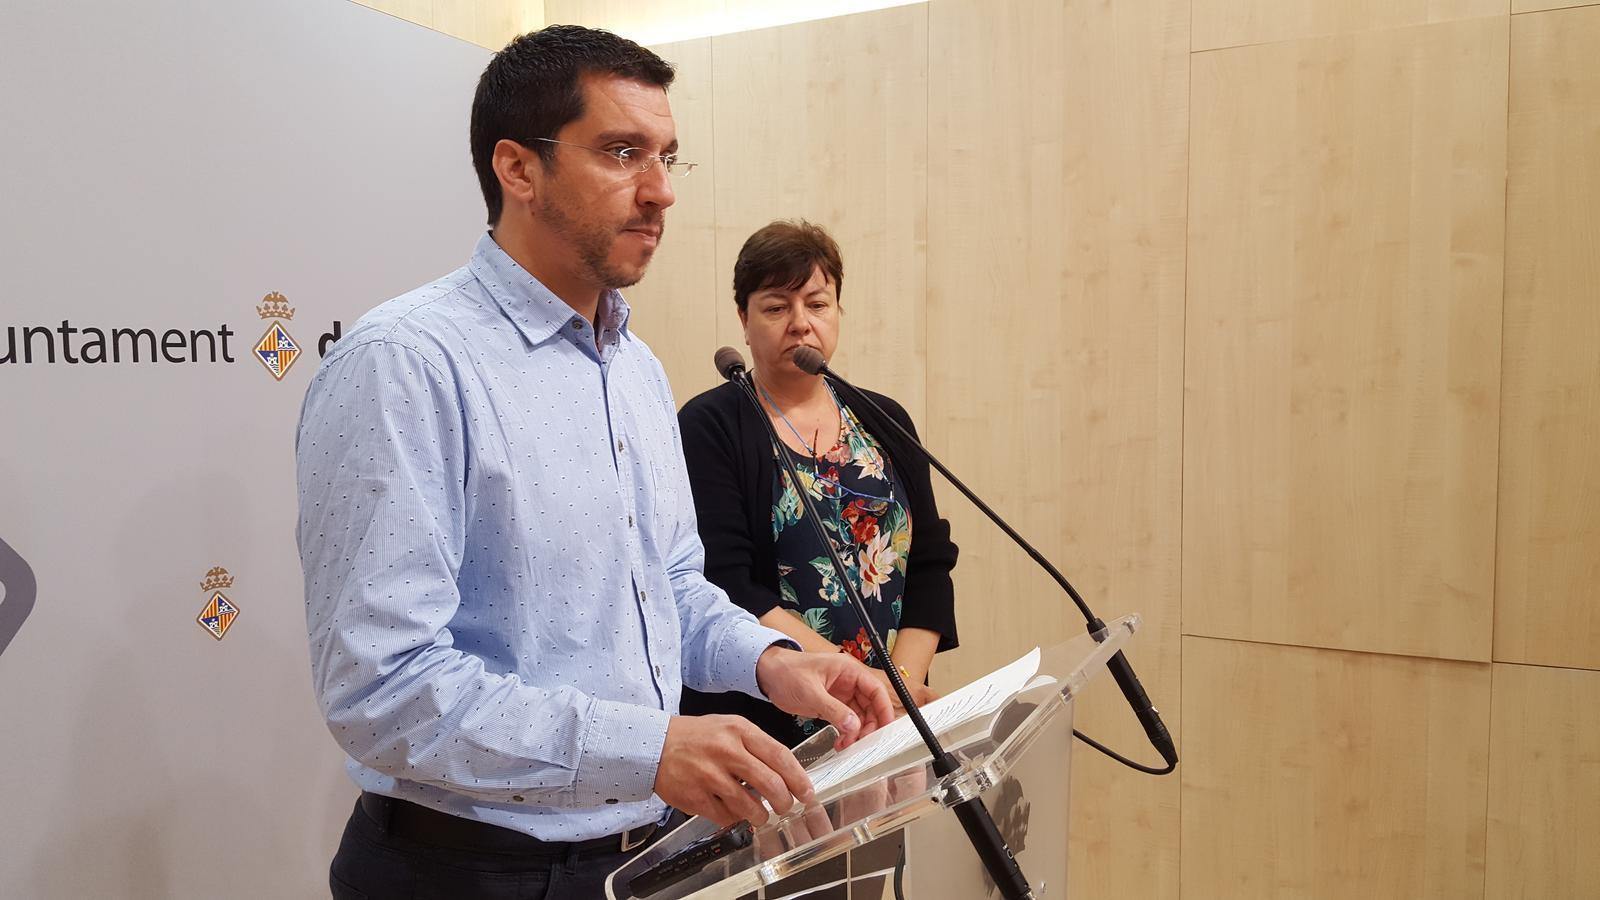 La reurbanització del carrer Rafael Rodríguez Méndez començarà en menys de 6 mesos